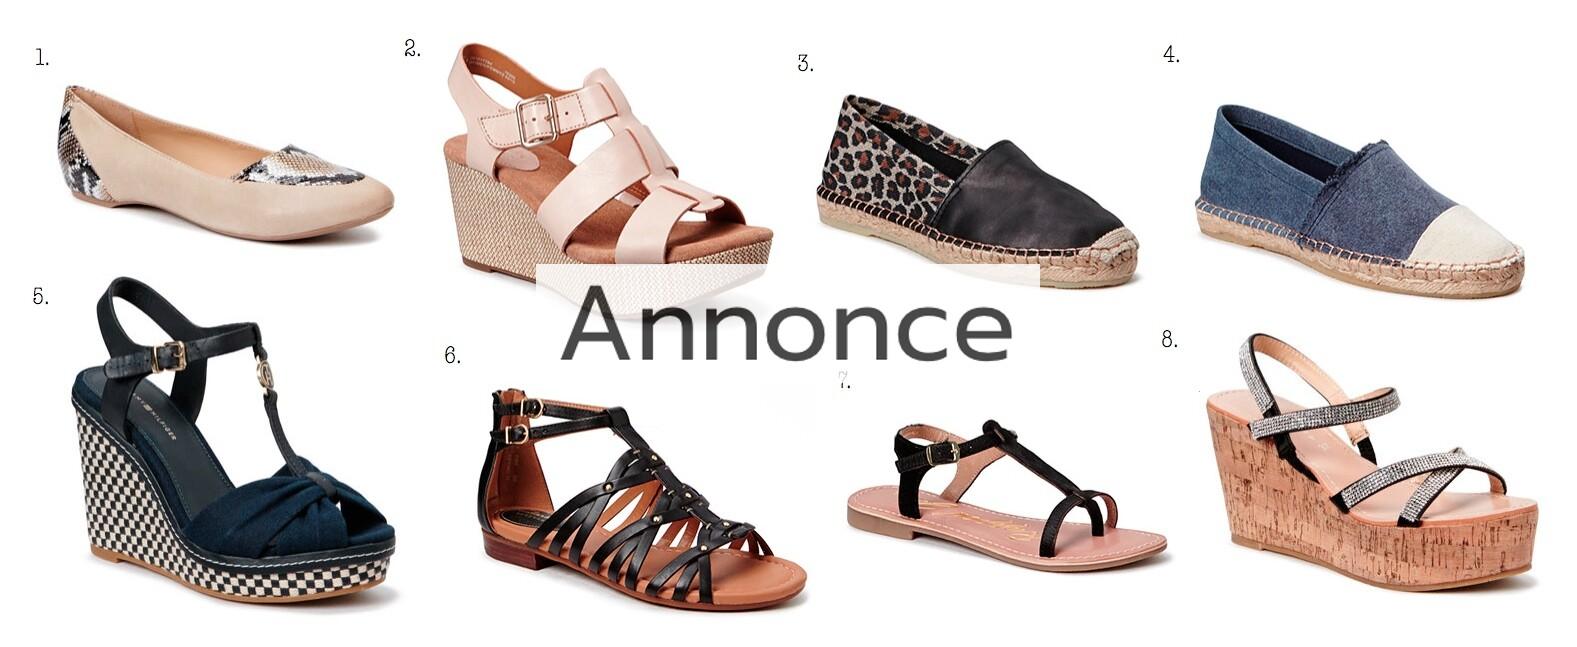 sommersko på tilbud billige rabat rabatkode modetendenser sandaler